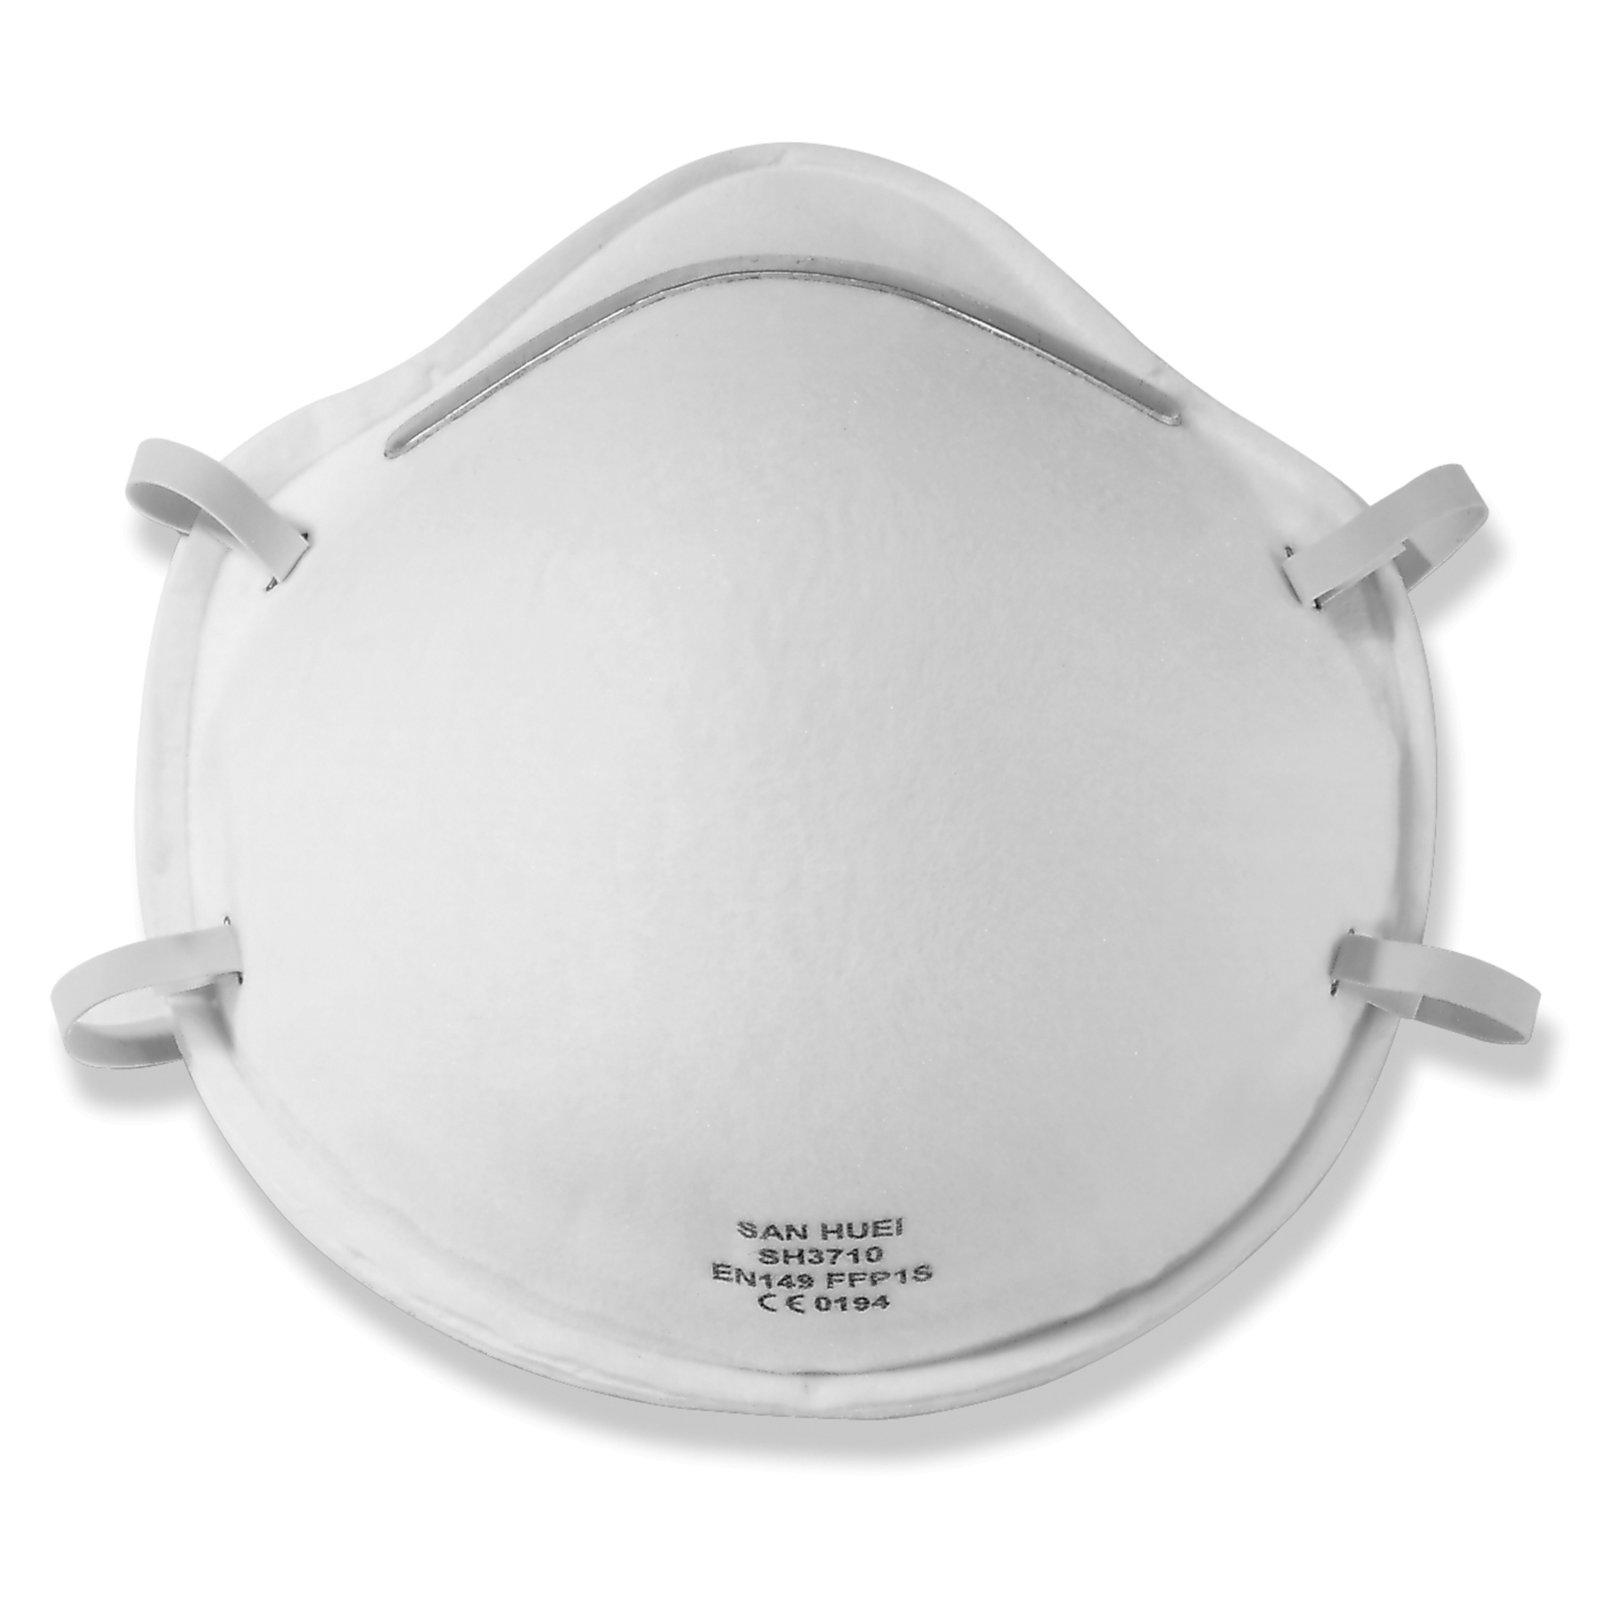 2er-Pack Schutzmasken - weiß - mit Gummizug